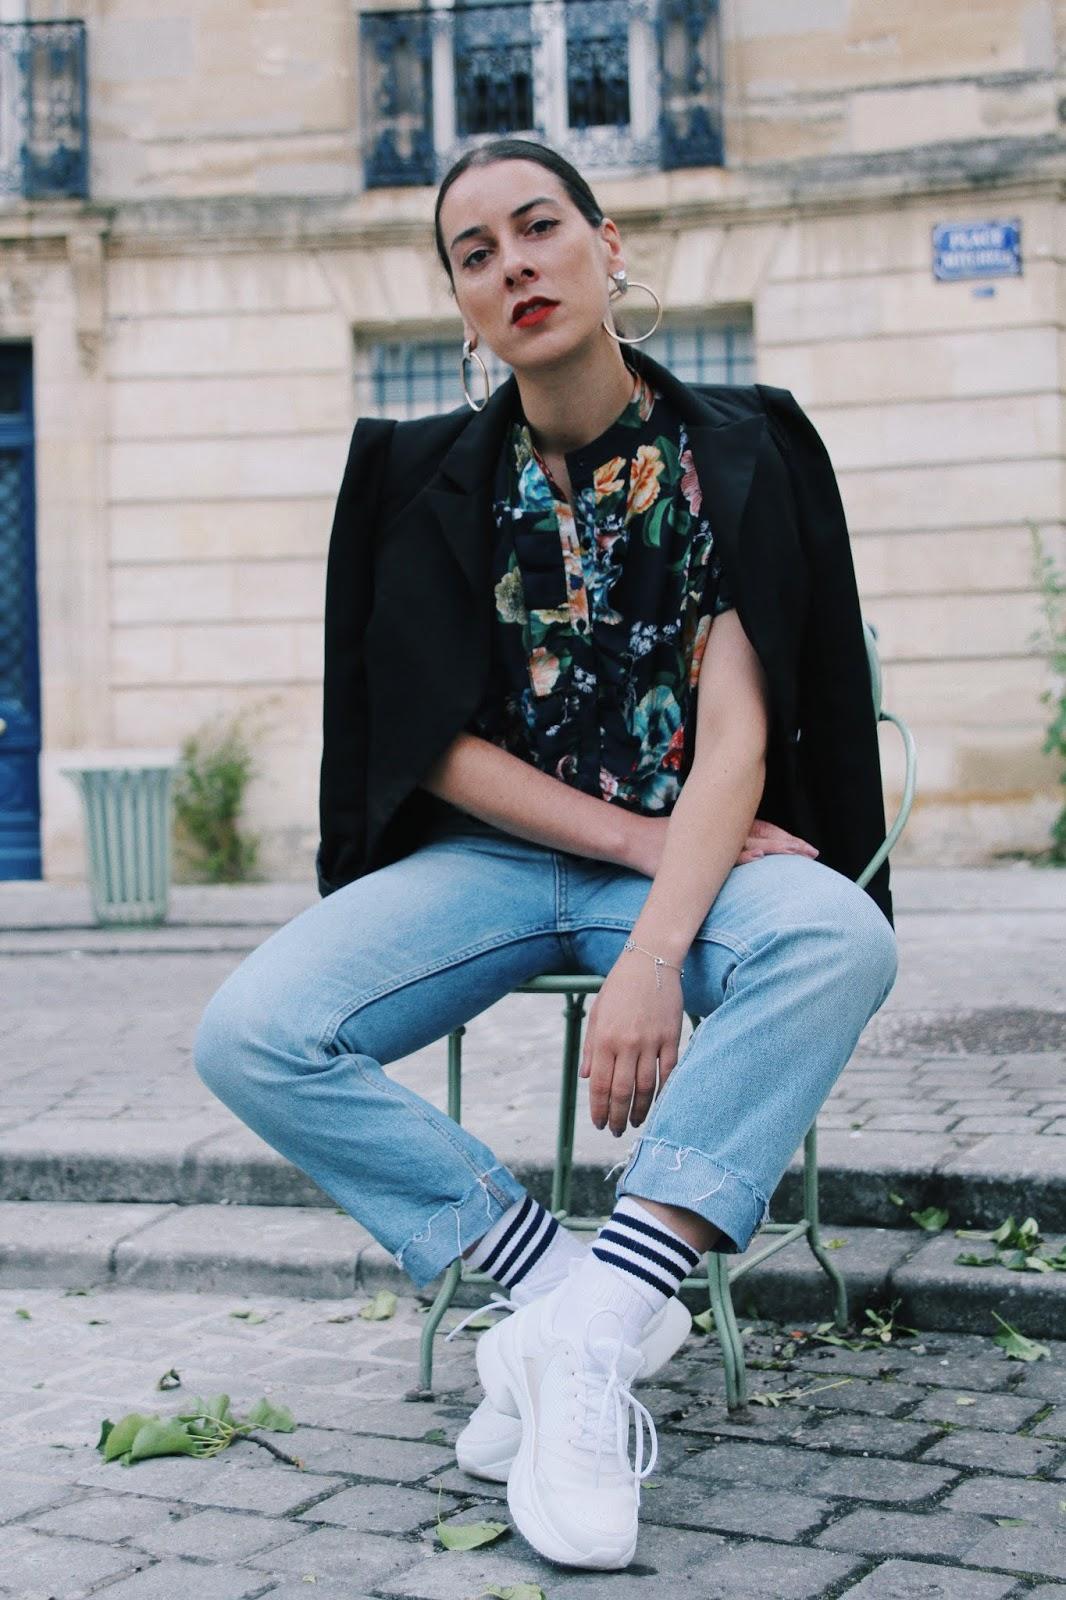 idée de look imprimé fleurs tendance printemps été 2018